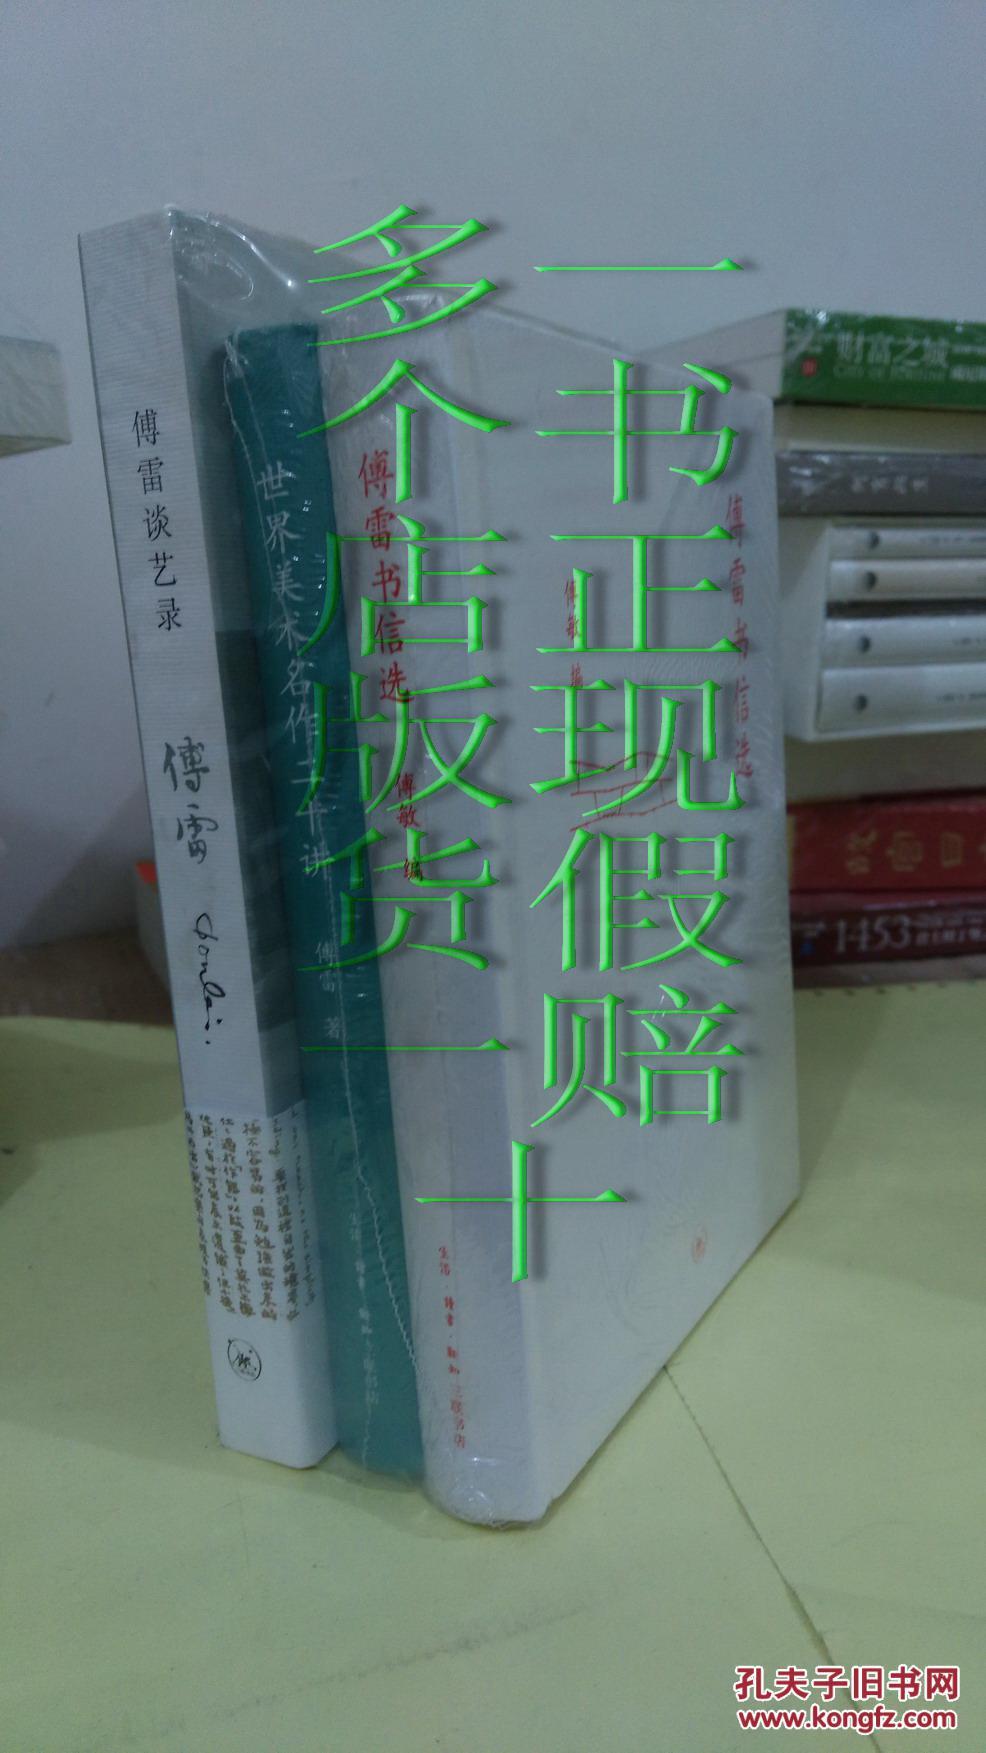 傅雷译著作品集:《傅雷书信选》+《傅雷谈艺录》+《世界美术名作二十讲》精装3册